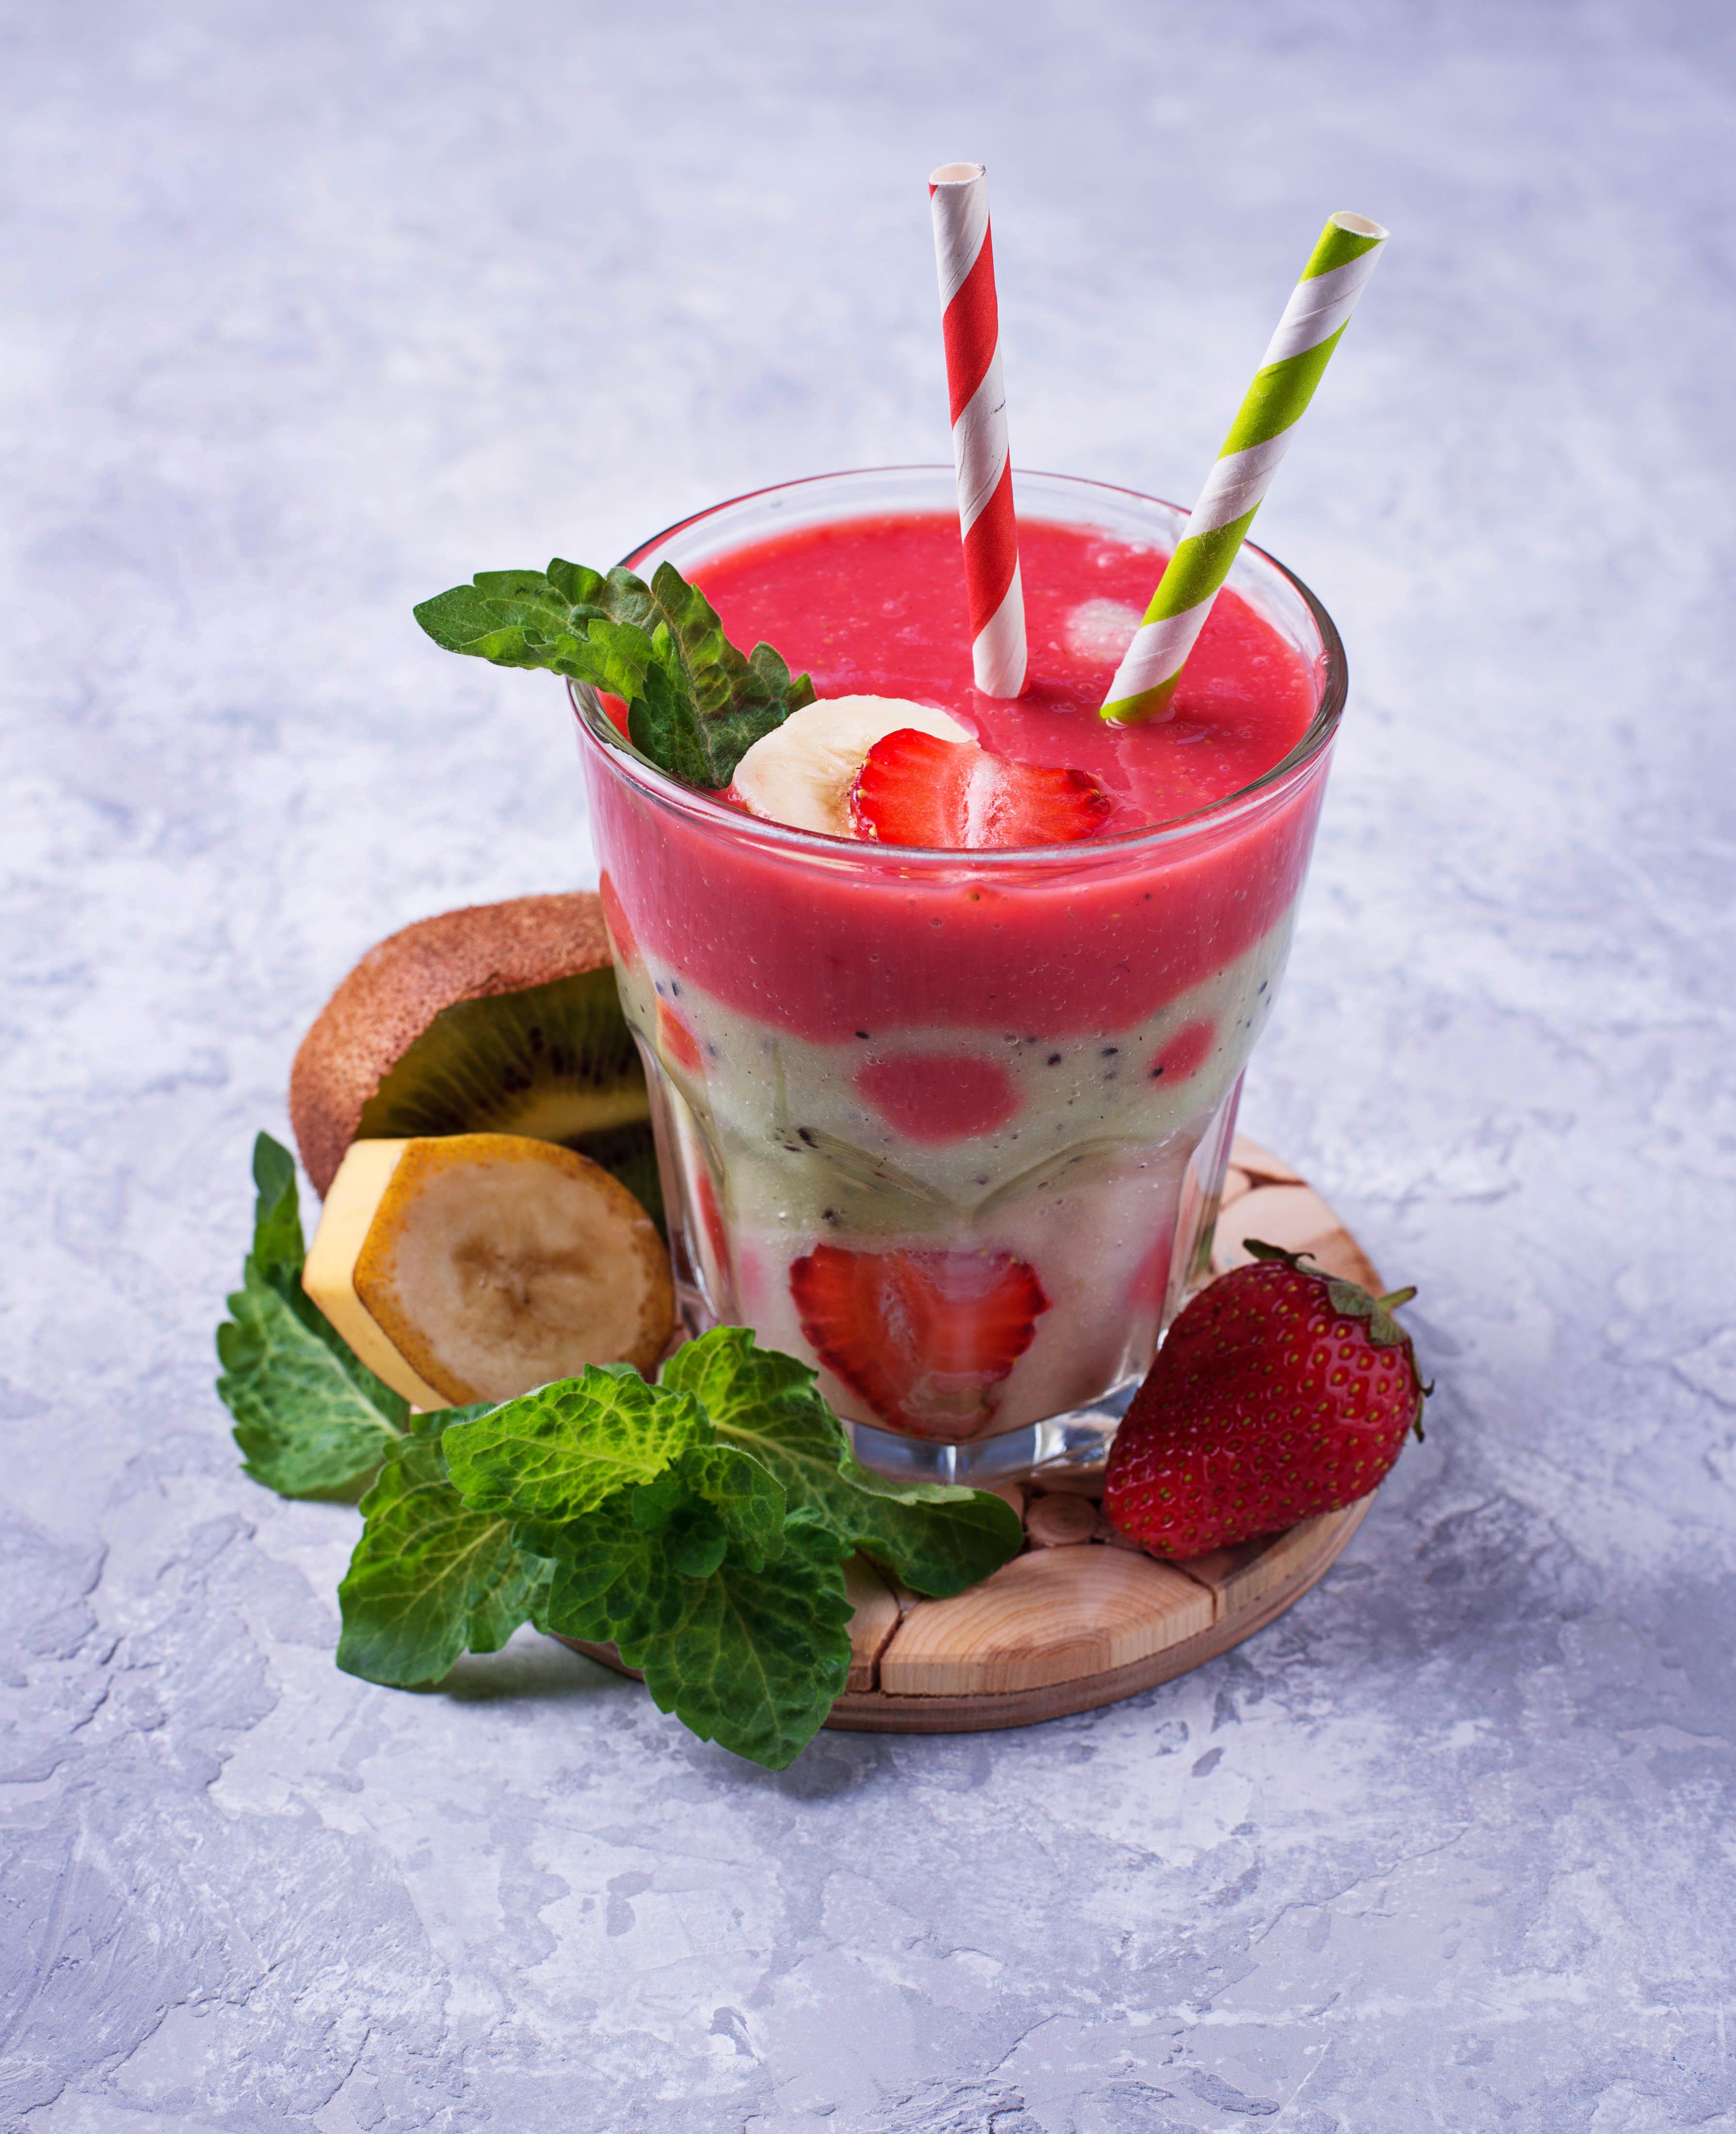 Картинки Стакан Клубника Пища Коктейль 3580x4400 стакана стакане Еда Продукты питания